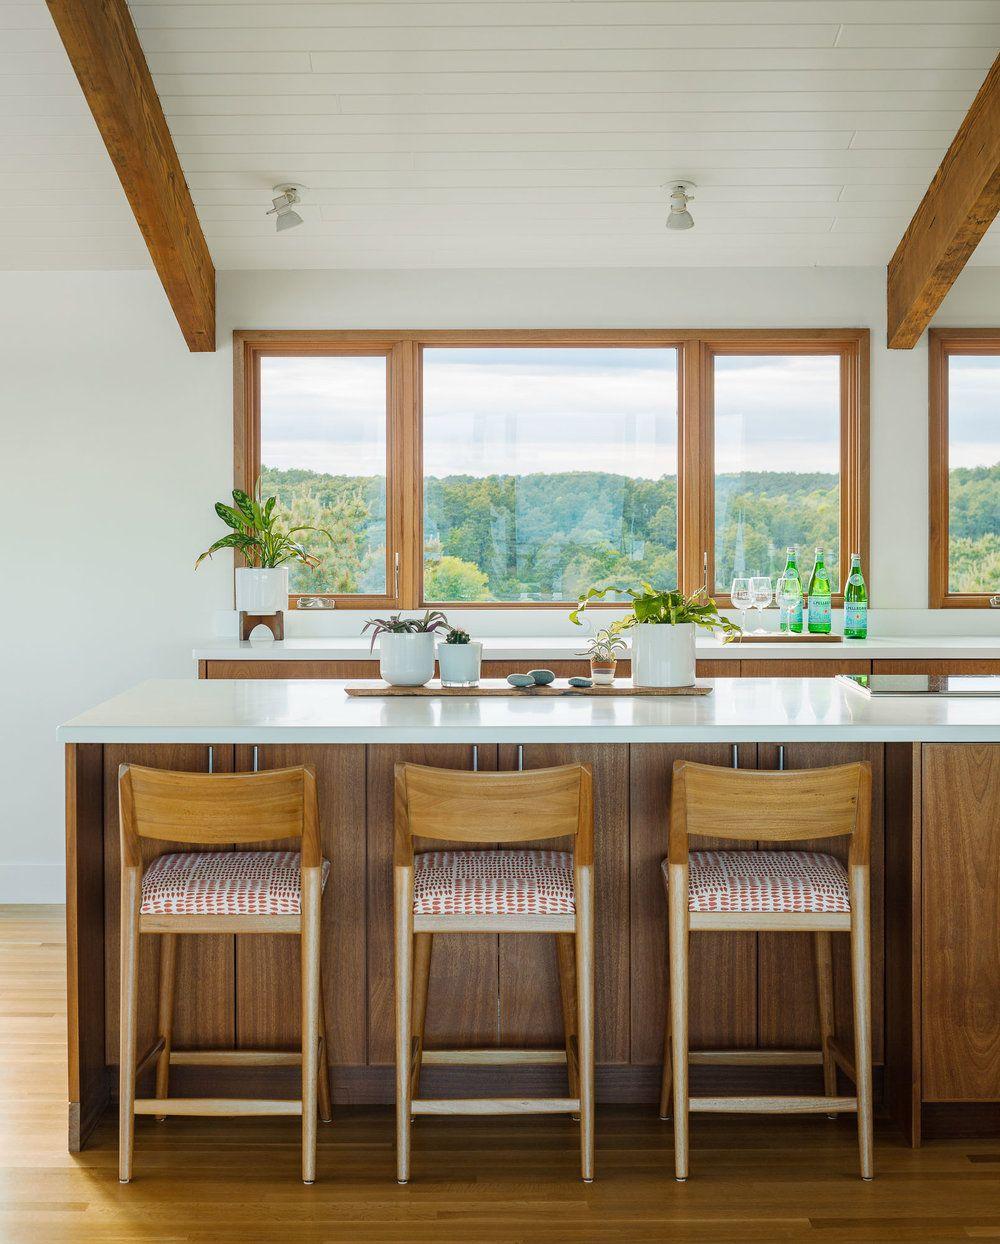 Ferestrele sunt lăsate libere, fără perdele sau draperii, astfel peisajul colorează și ambianța interioară. Arhitectura casei este însă gândită astfel încât orientarea în raport cu punctele cardinale și cu peisajul spre mare să nu afecteze confortul termic de la interior. Umbra necesară la interior este asigurată de la exterior, de aceea nu mai este nevoie de umbrire la nivelul ferestrelor. De asemenea, chiar dacă mobila este cu textură din lemn, blatul este alb, la fel ca și zugrăveala pereților.